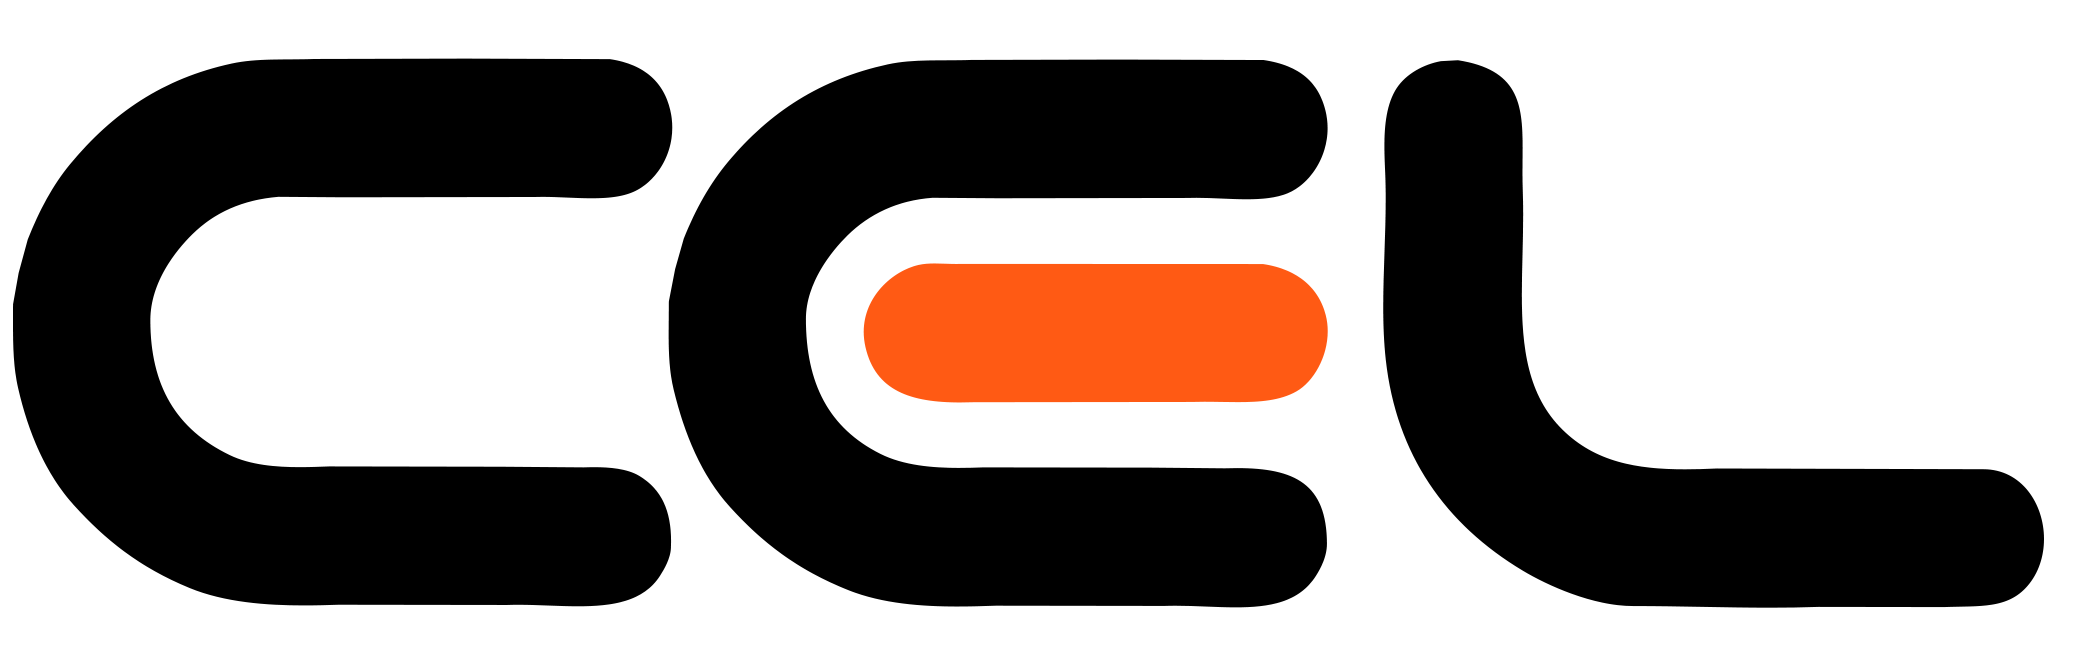 CEL.ro intra pe piata asigurarilor RCA